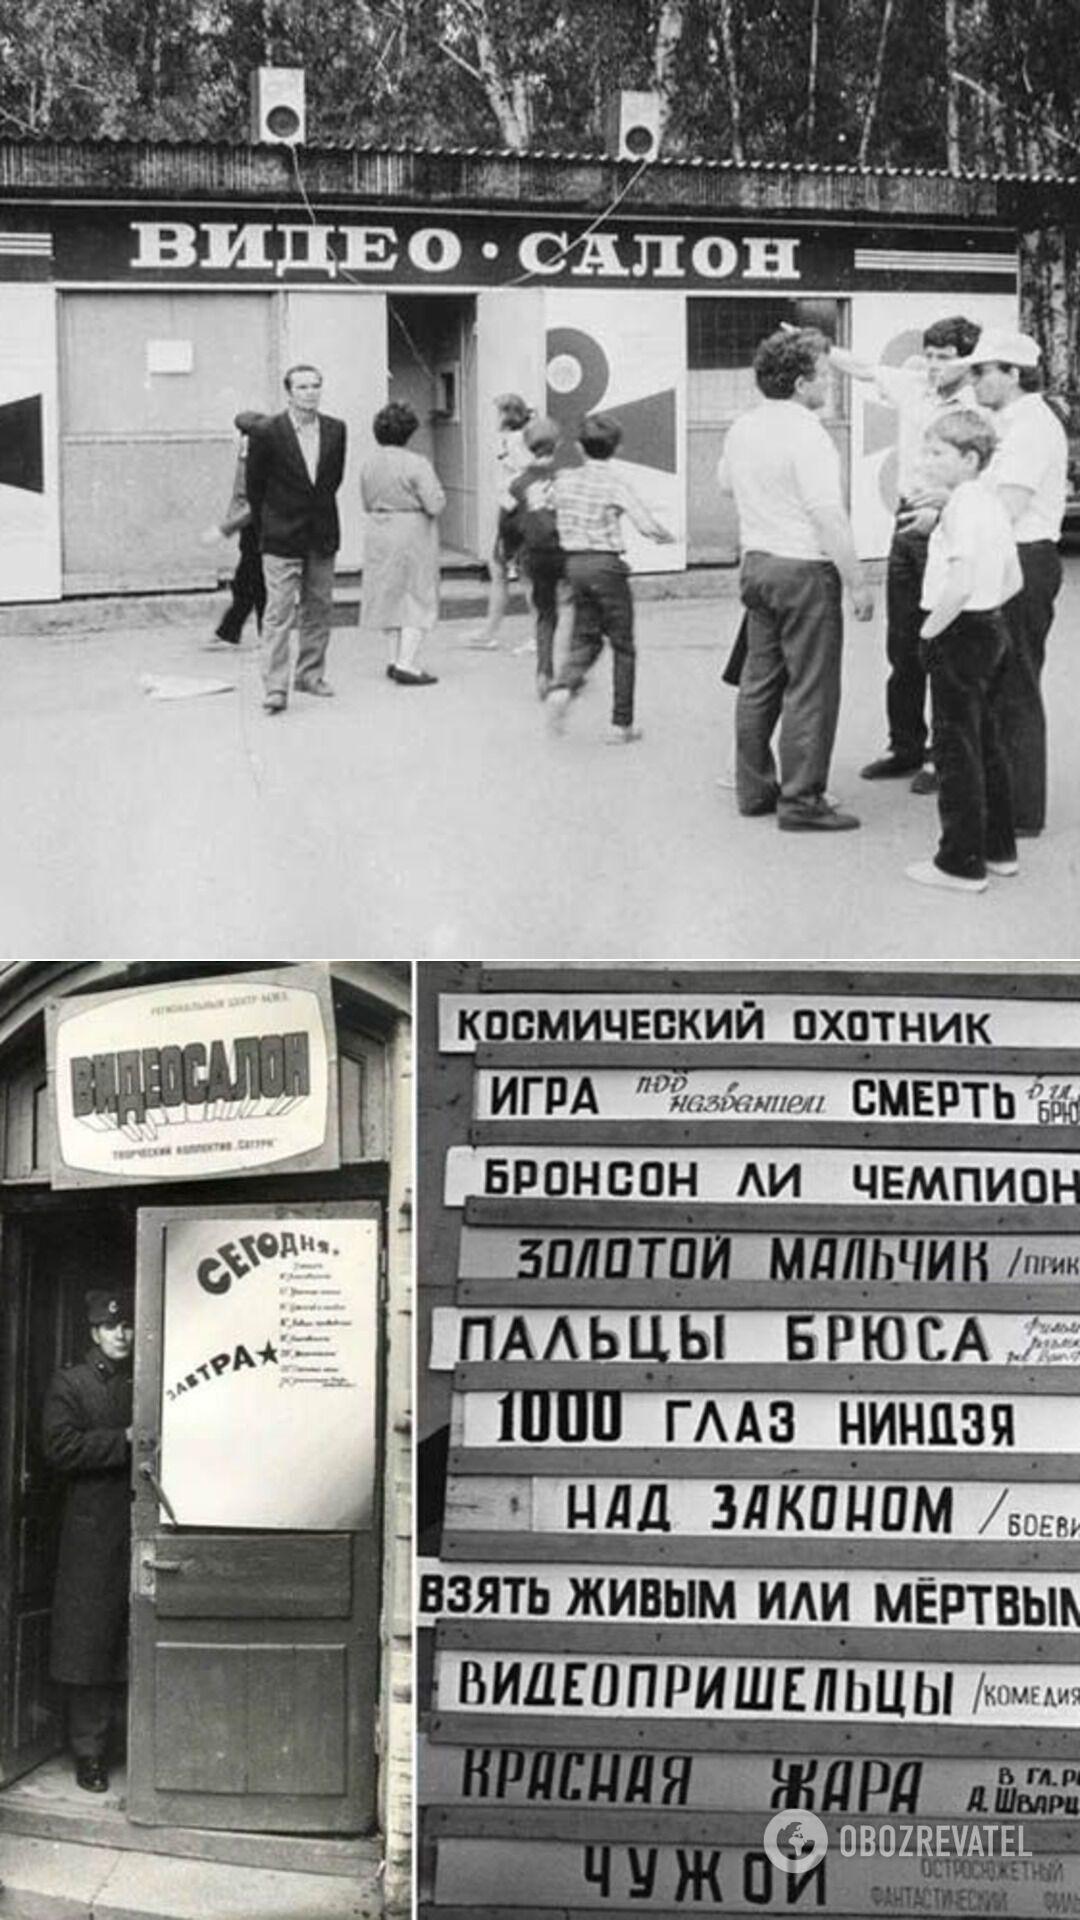 Во времена перестройки в СССР появились первые частные видеосалоны